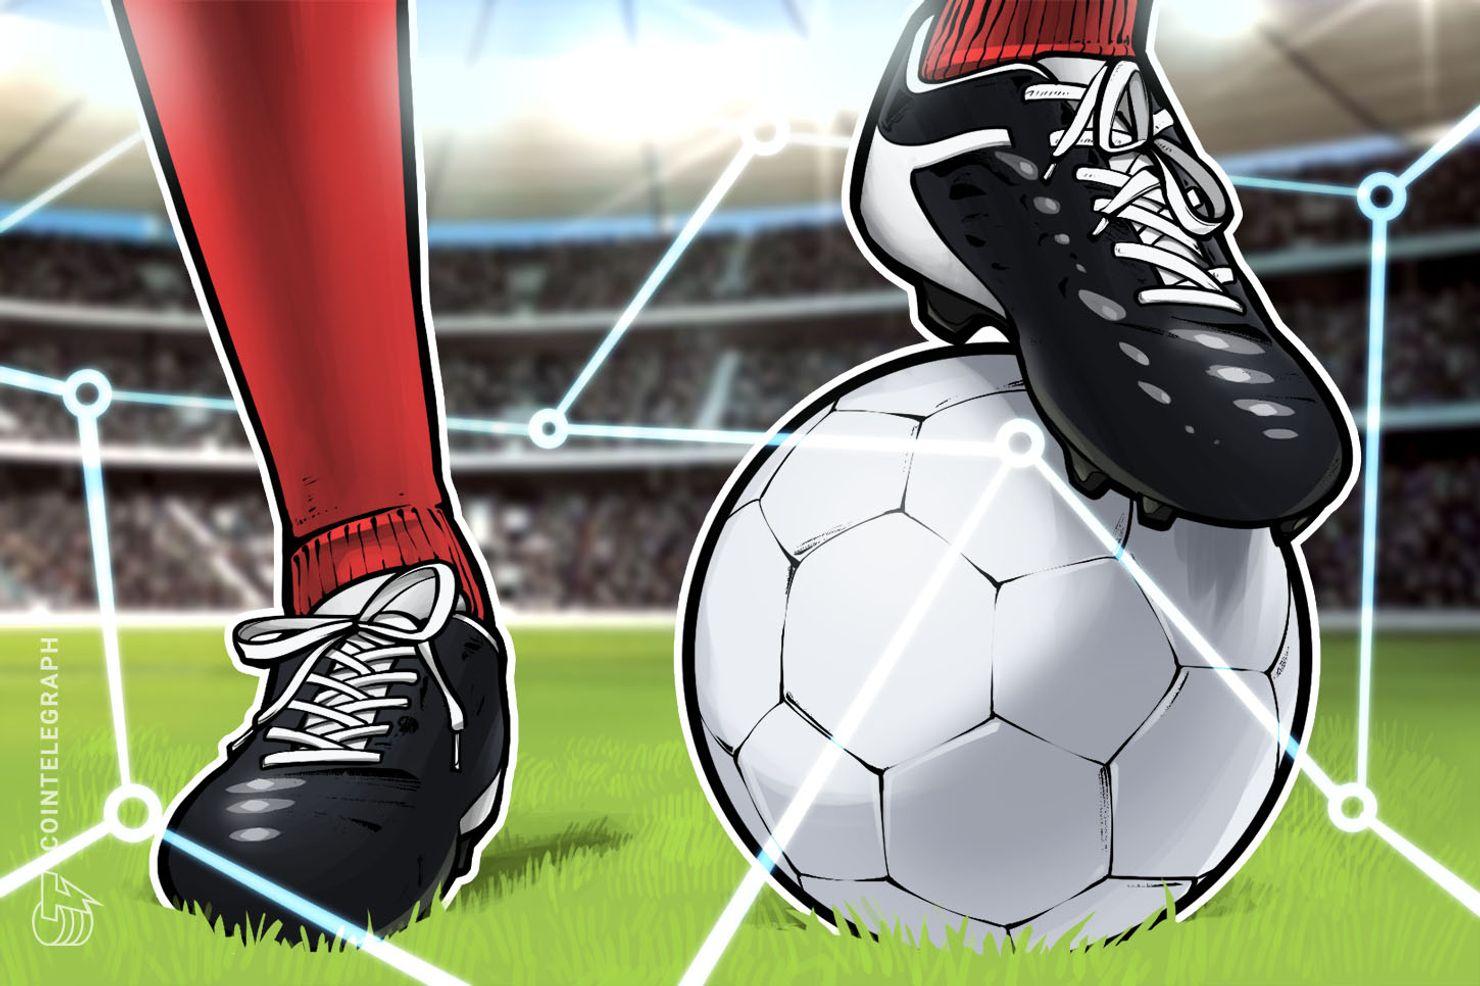 Desarrollan tecnología blockchain para vender entradas de la selección española de fútbol